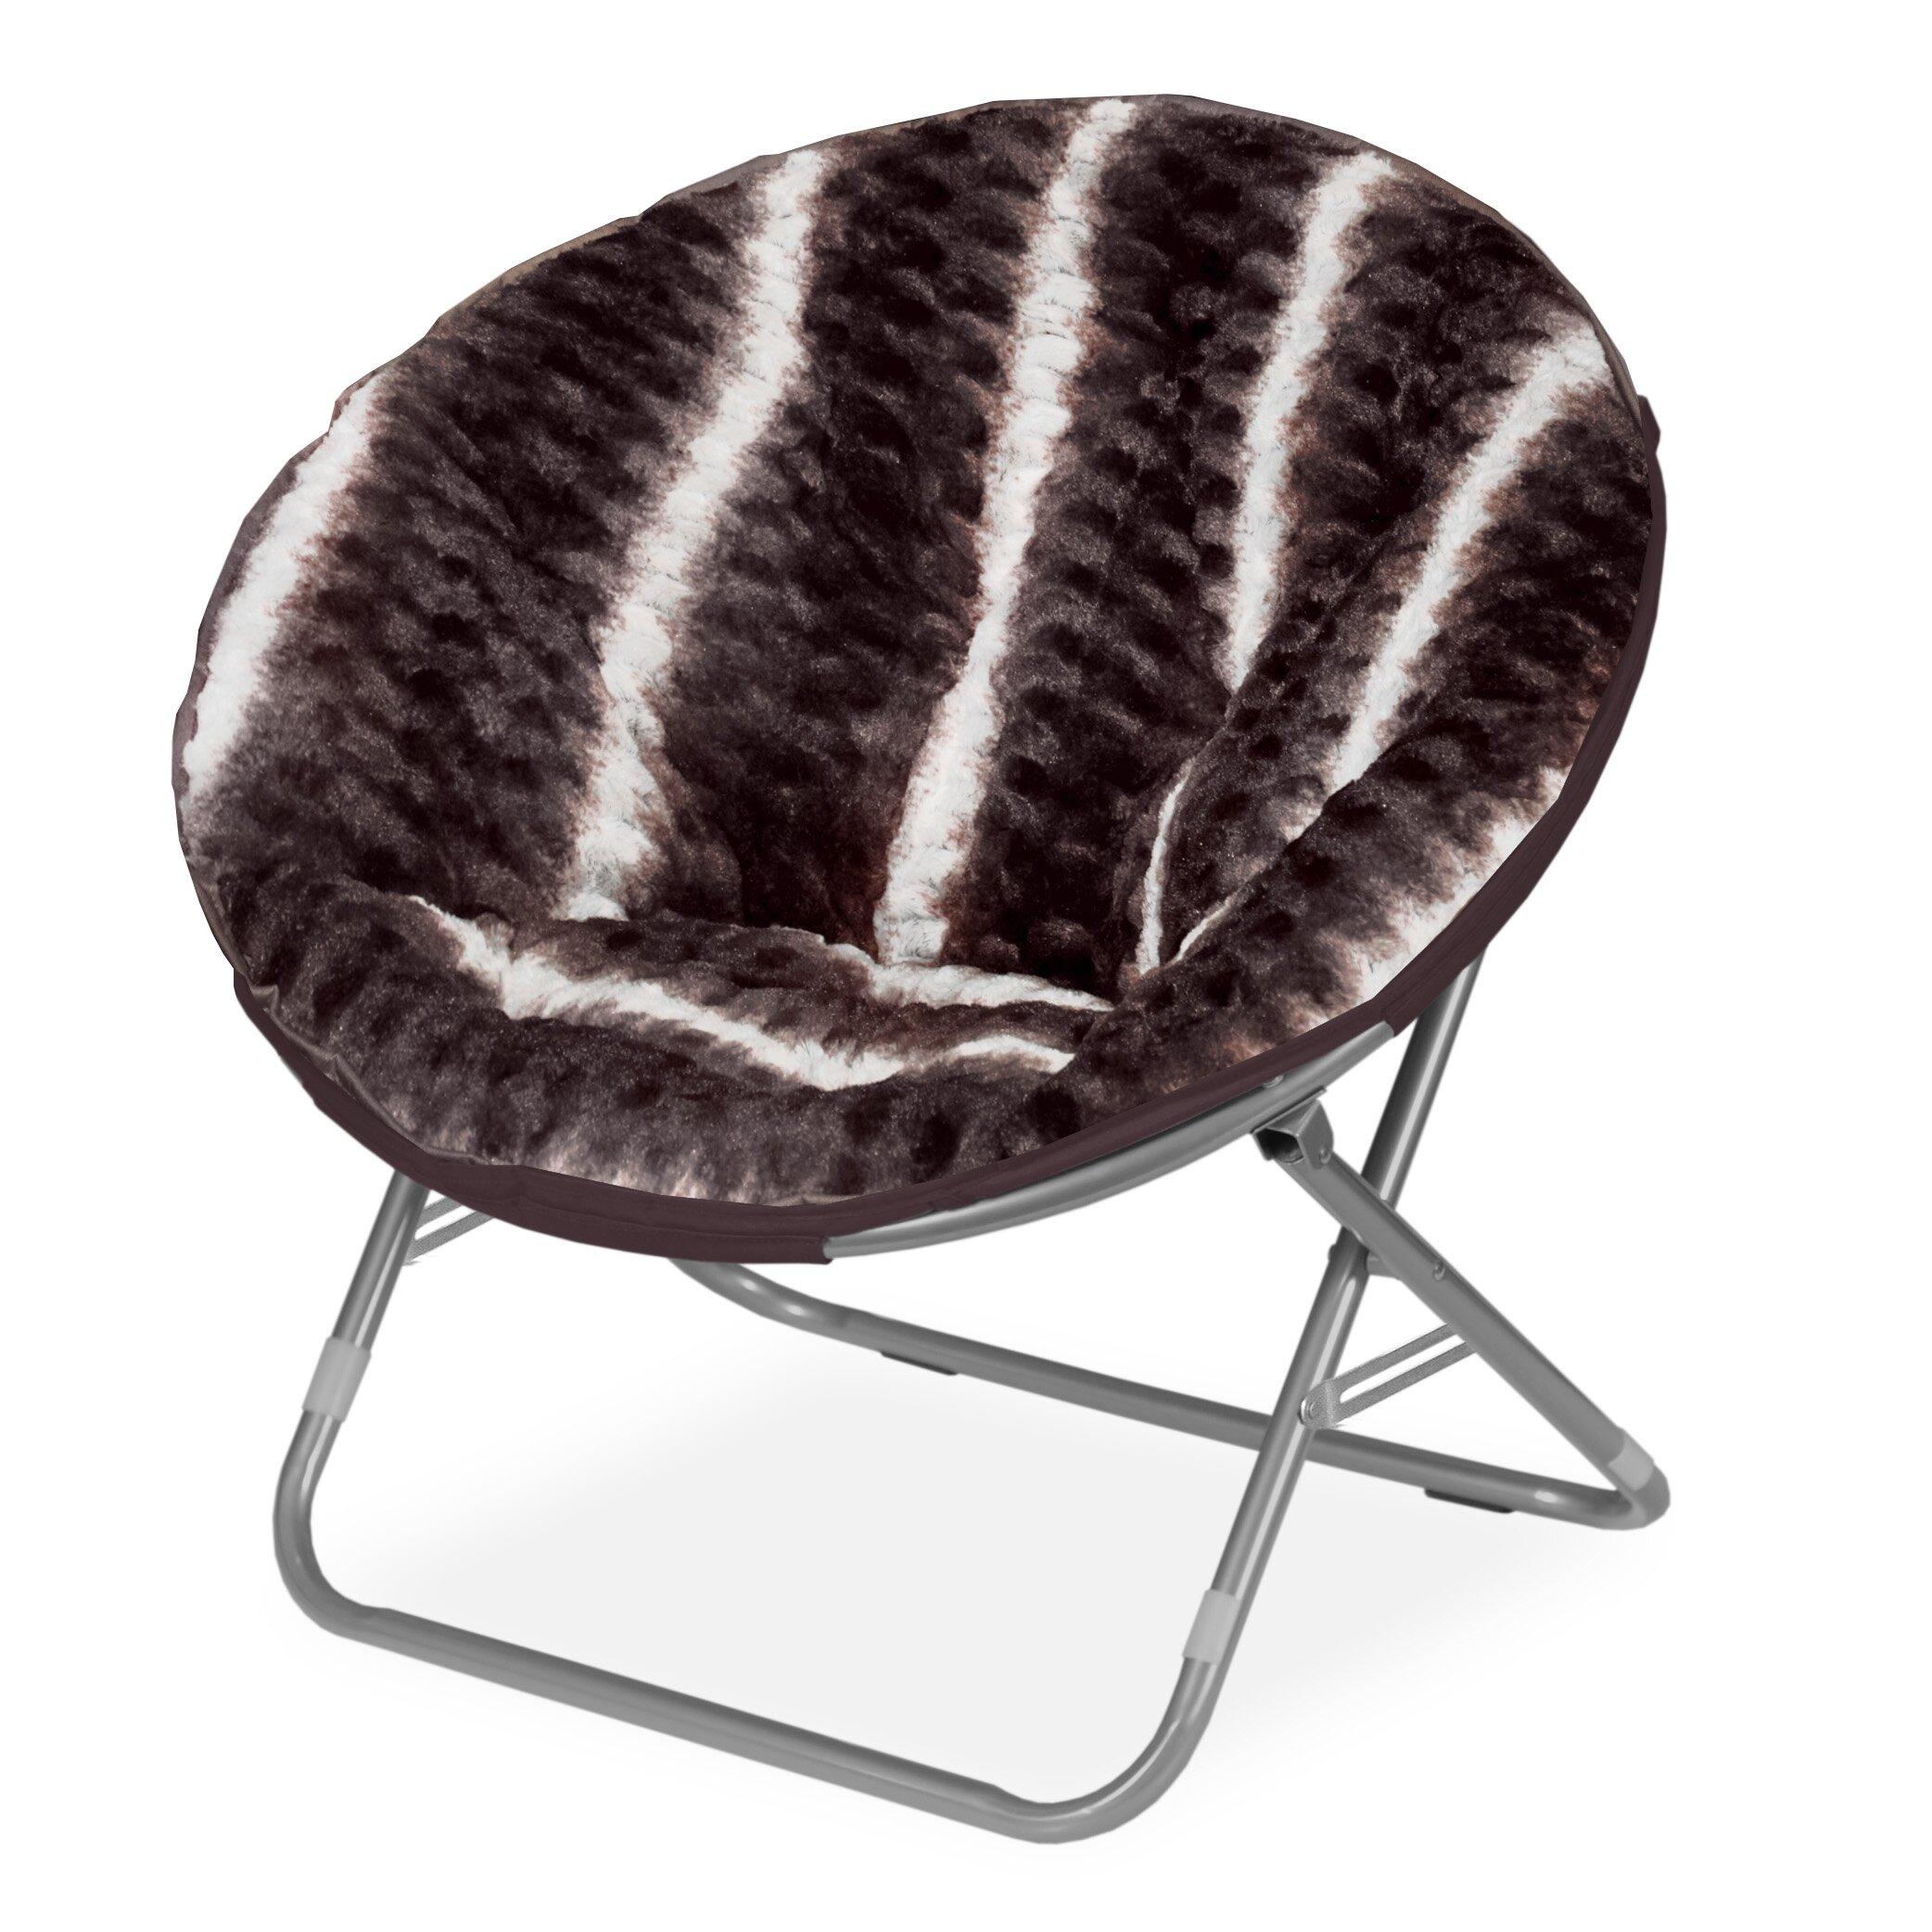 For elegant chair design plus papasan chair frame also papasan cushion